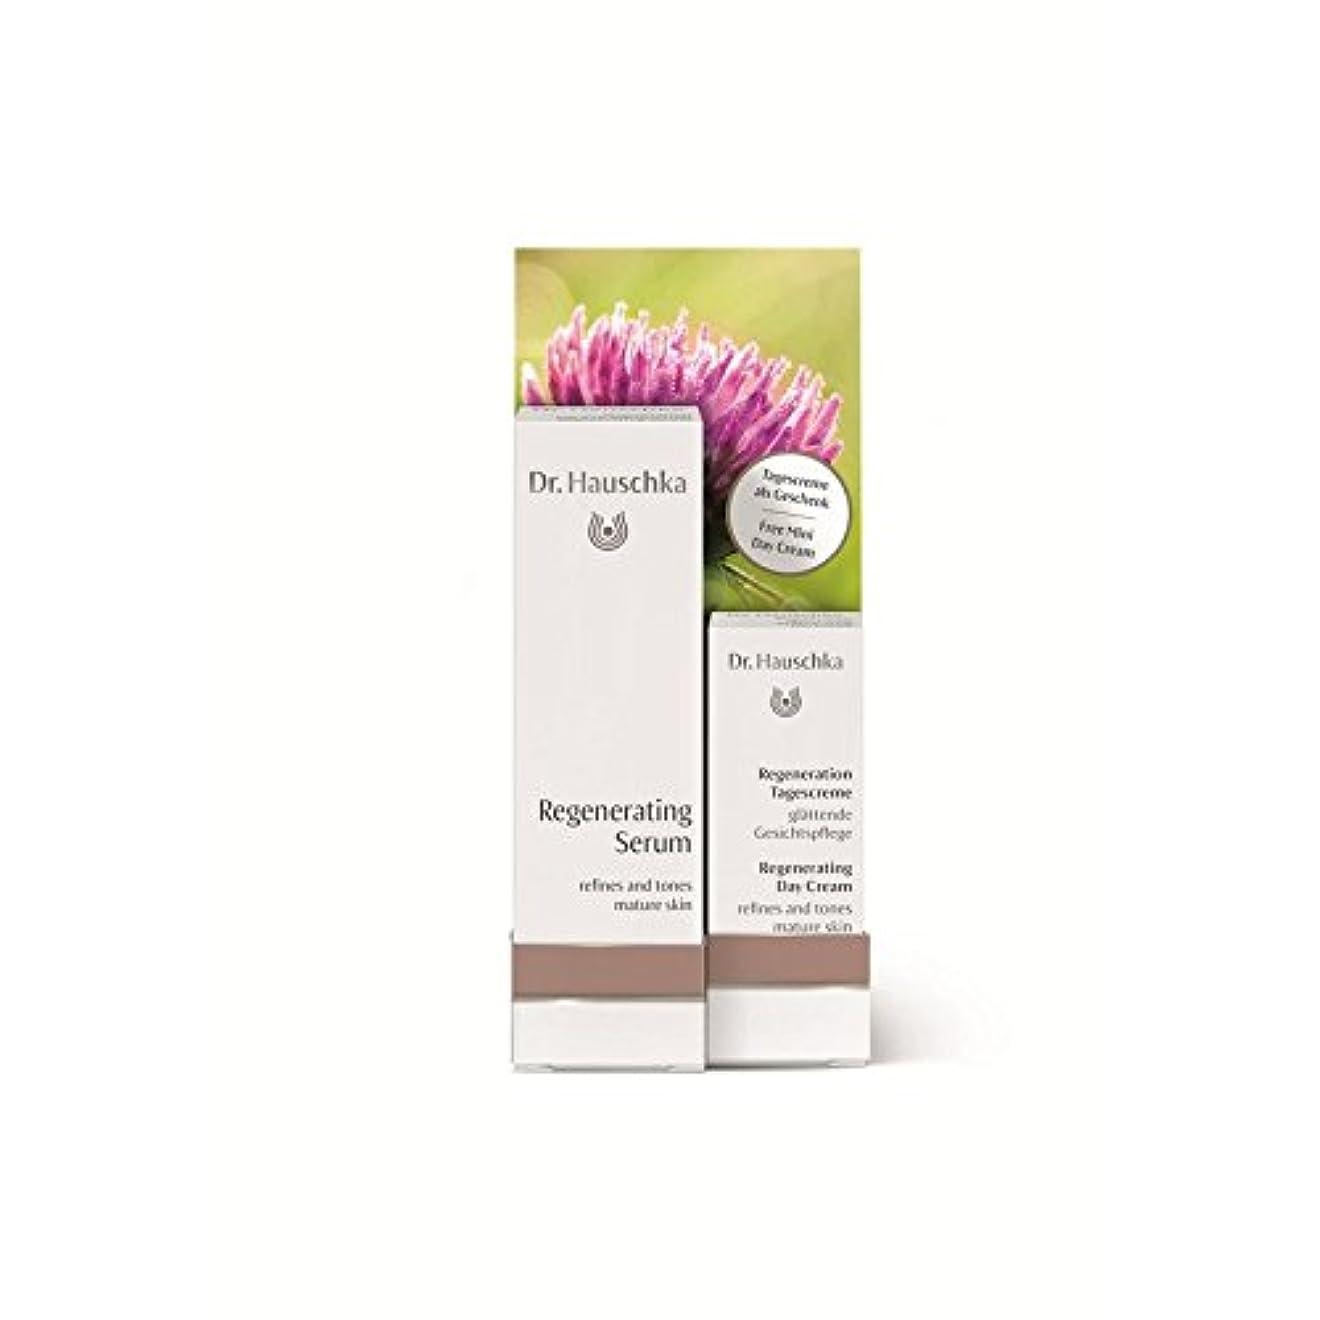 利得先見の明表現Dr. Hauschka Regenerating Serum with a Free Regenerating Day Cream 5ml (Pack of 6) - 無料の再生デイクリーム5ミリリットルで血清を再生ハウシュカ x6 [並行輸入品]